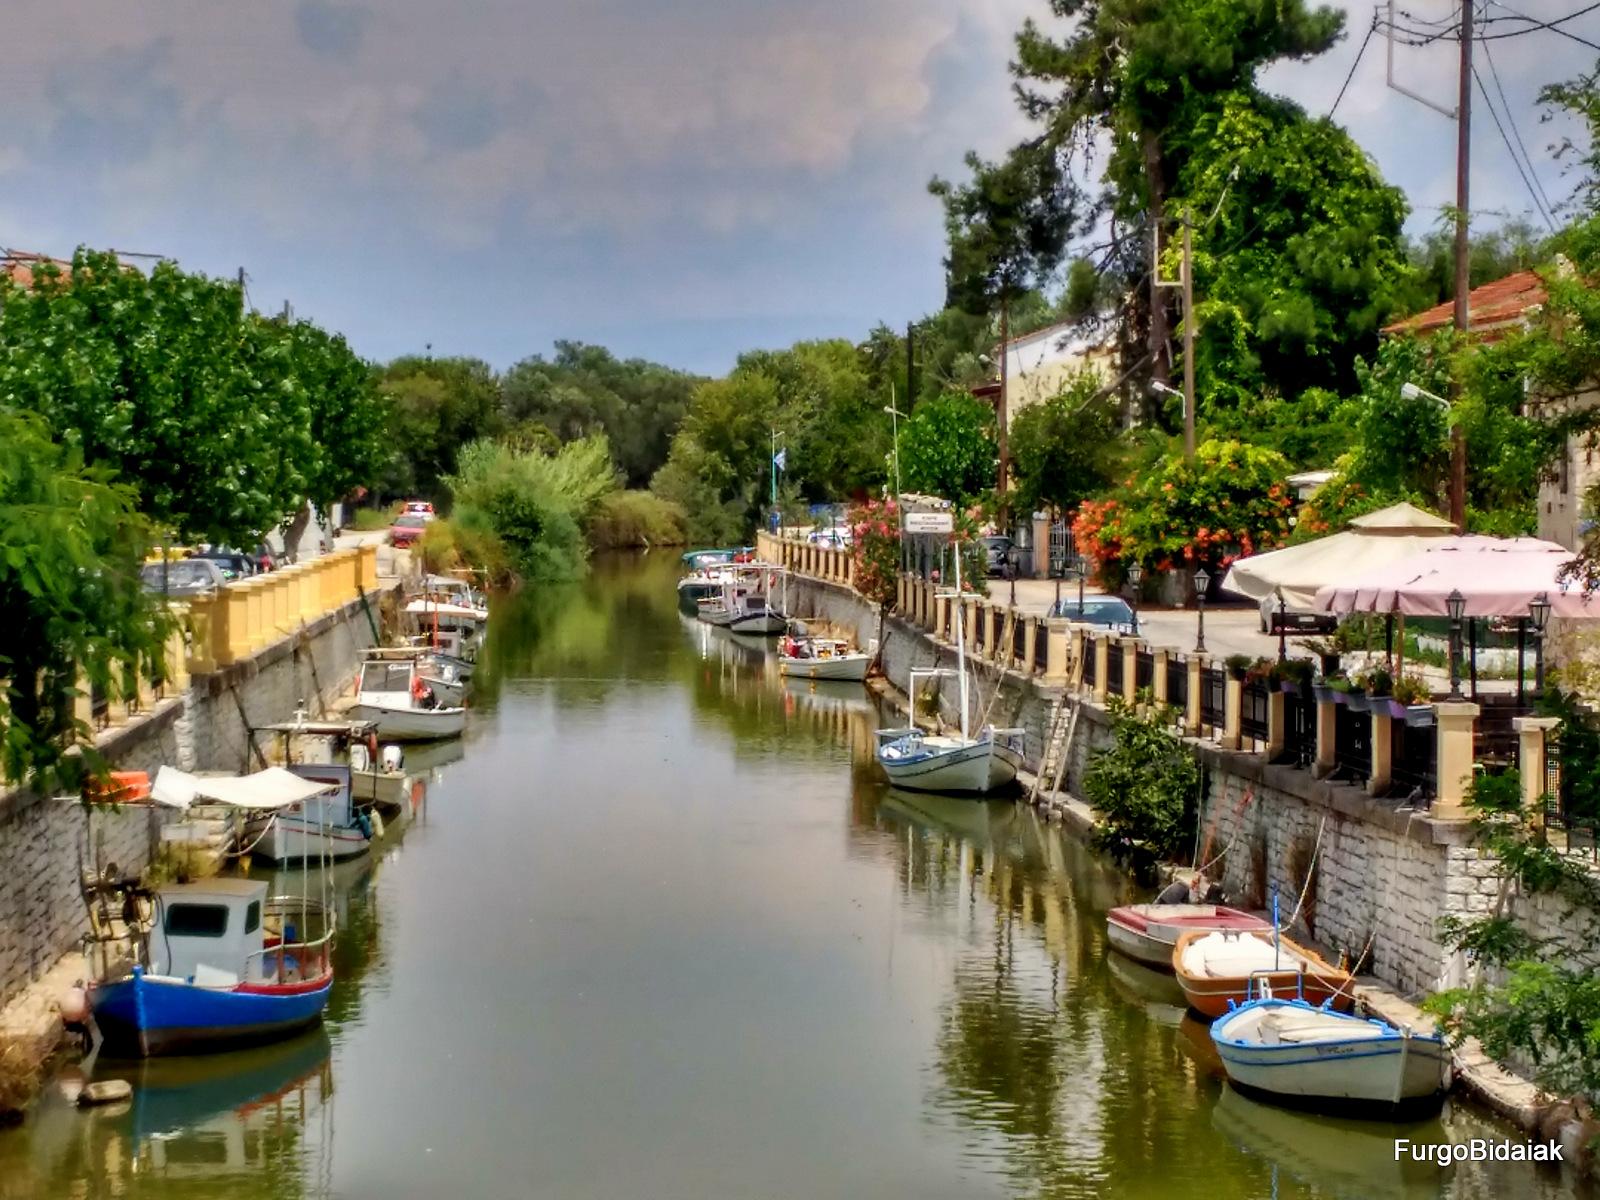 Canal de Lefkimi Corfu Grecia